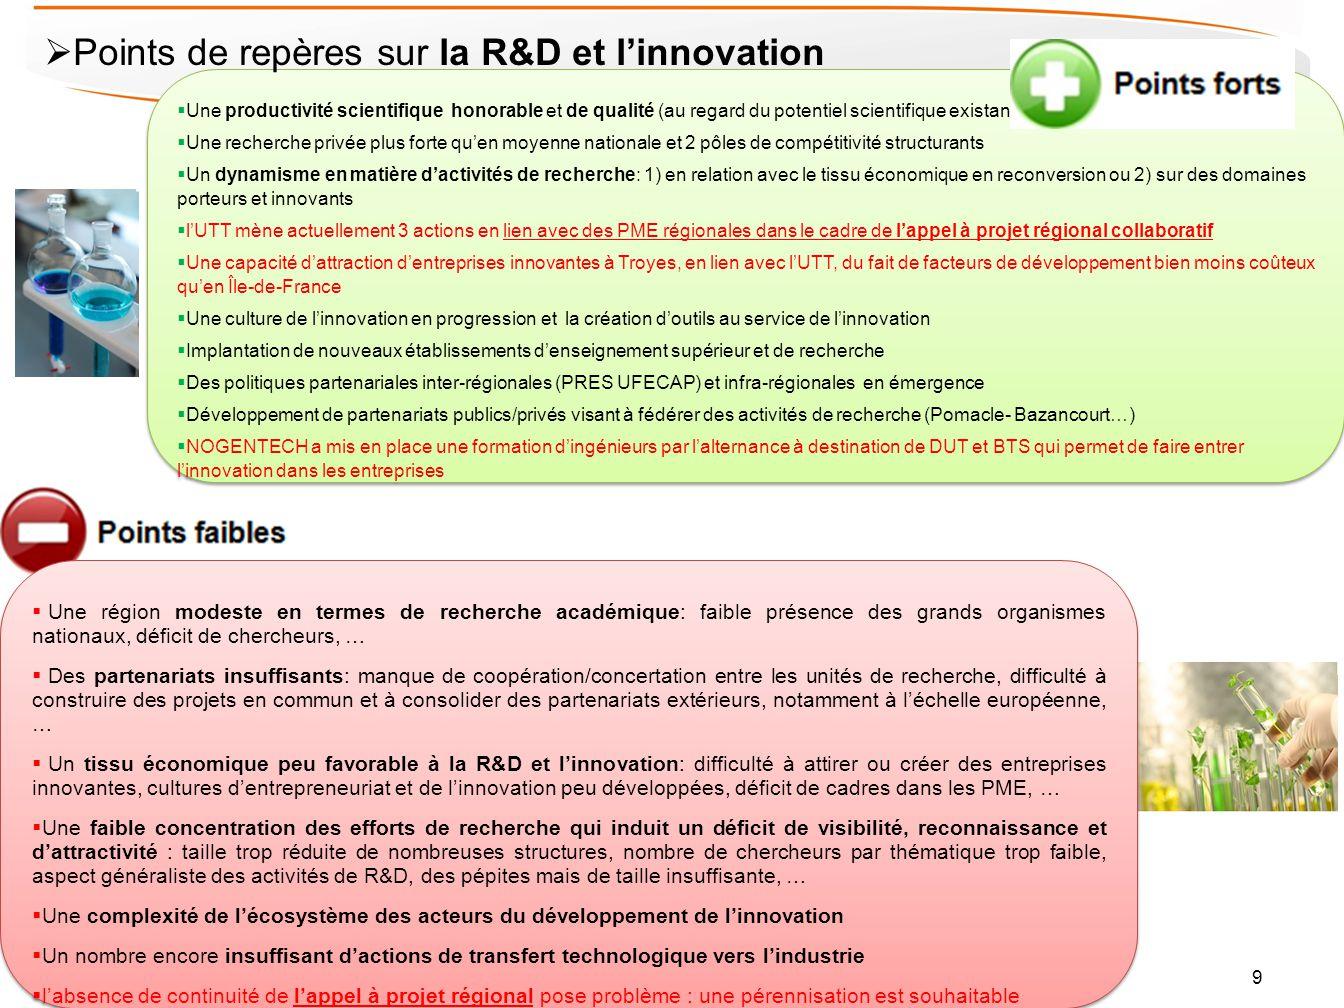 Orientations stratégiques identifiées en matière de R&D et dinnovation R&D et innovation Orientation Stratégique n° 2 : Organiser lécosystème de la R&D régionale pour atteindre la rupture technologique dans les domaines stratégiques Lorientation n°1 proposée présuppose une intervention ciblée sur des domaines ou « niches dinnovation » potentiellement porteurs pour le futur de léconomie régionale.